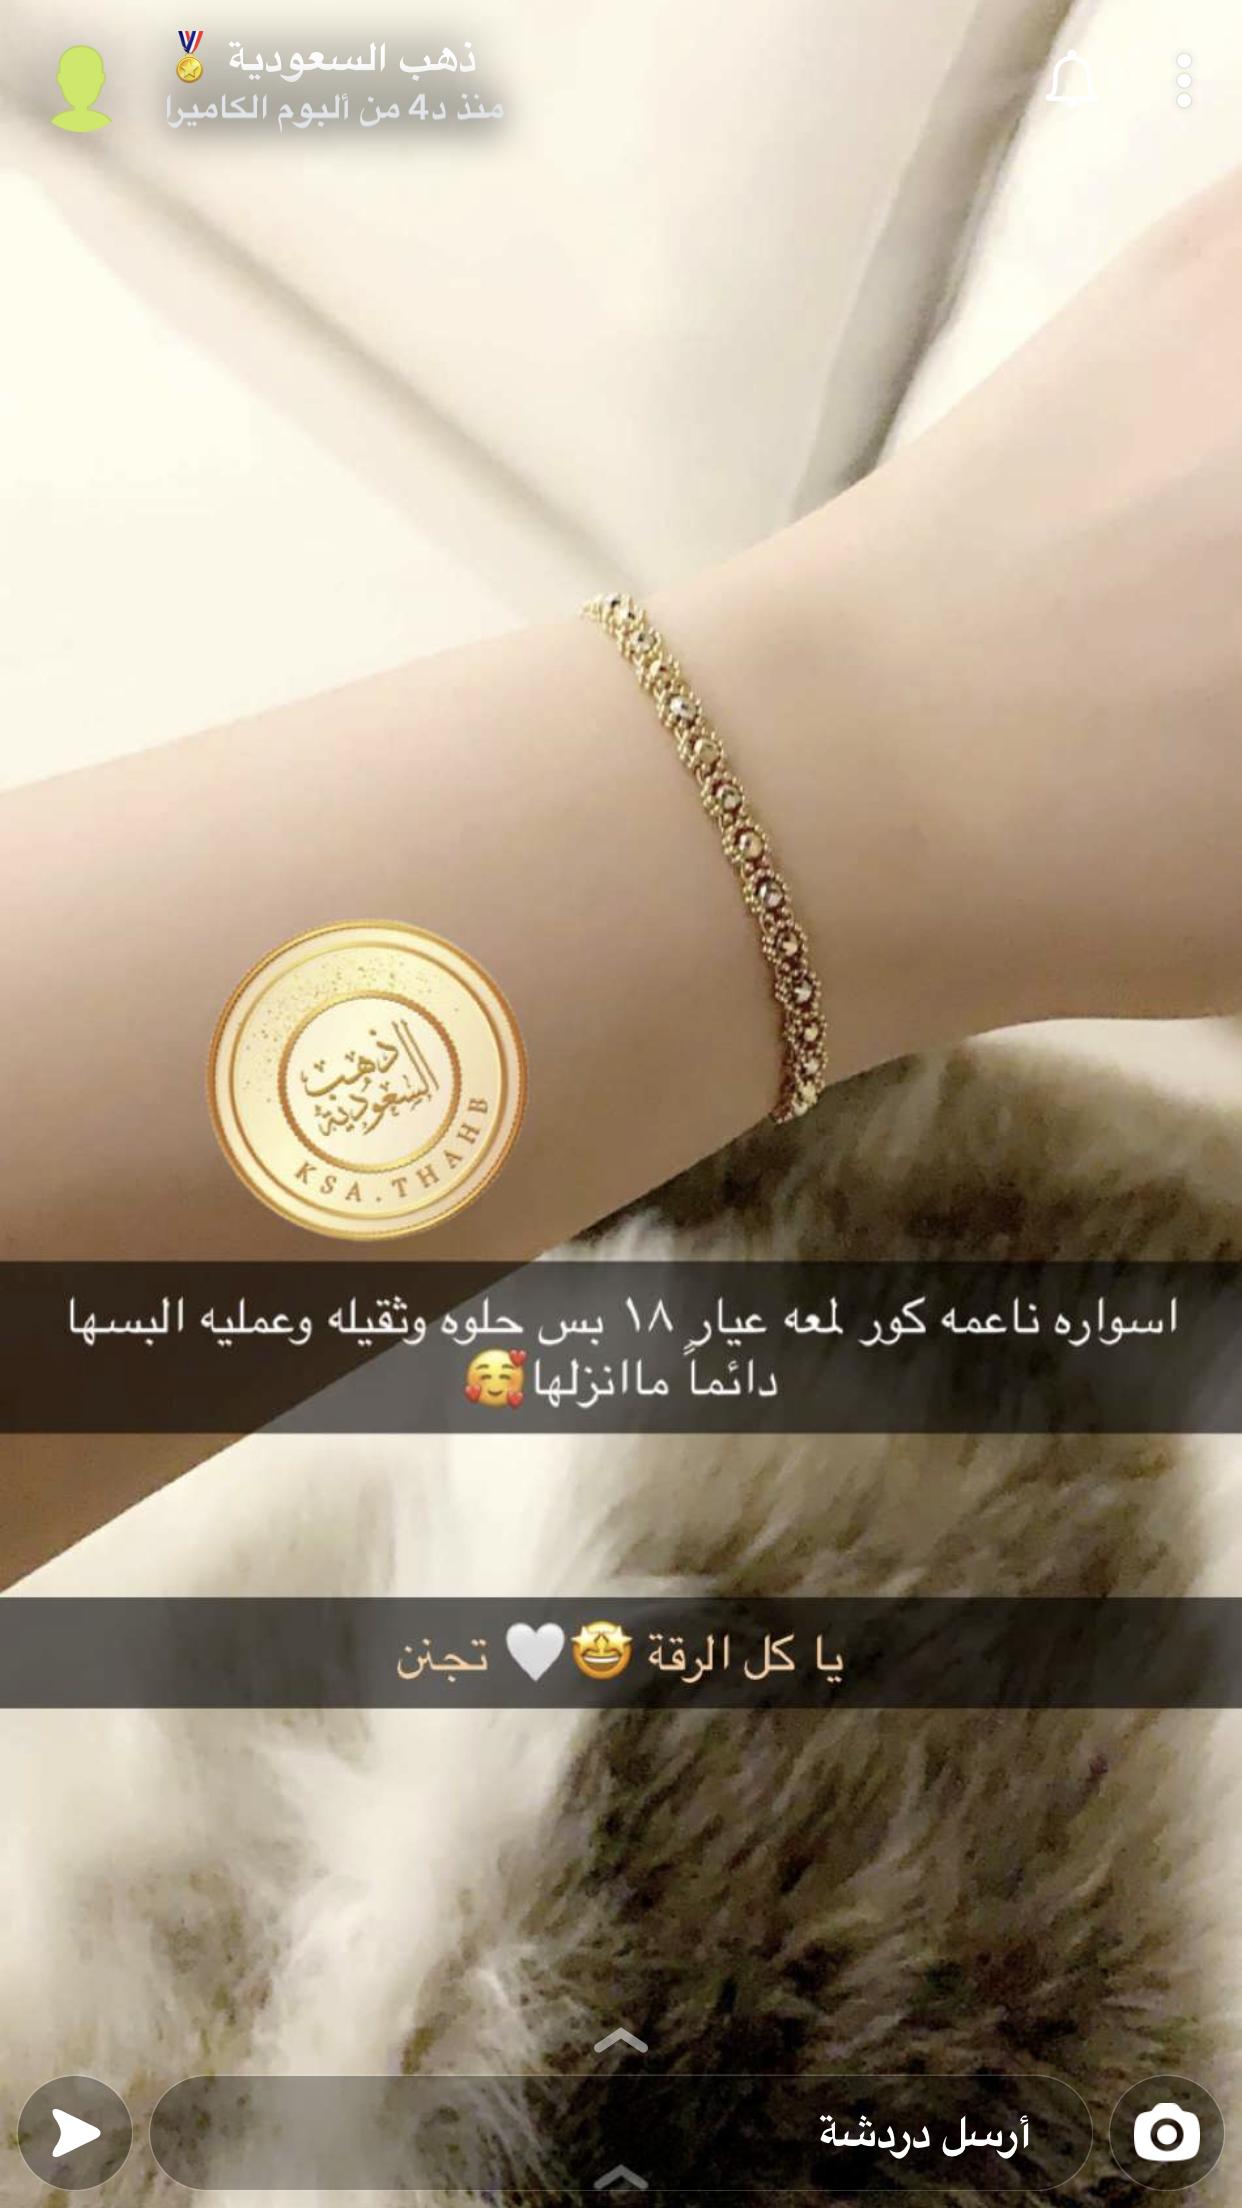 Pin By زينه On موقع In 2020 Gold Bracelet Jewelry Bracelets